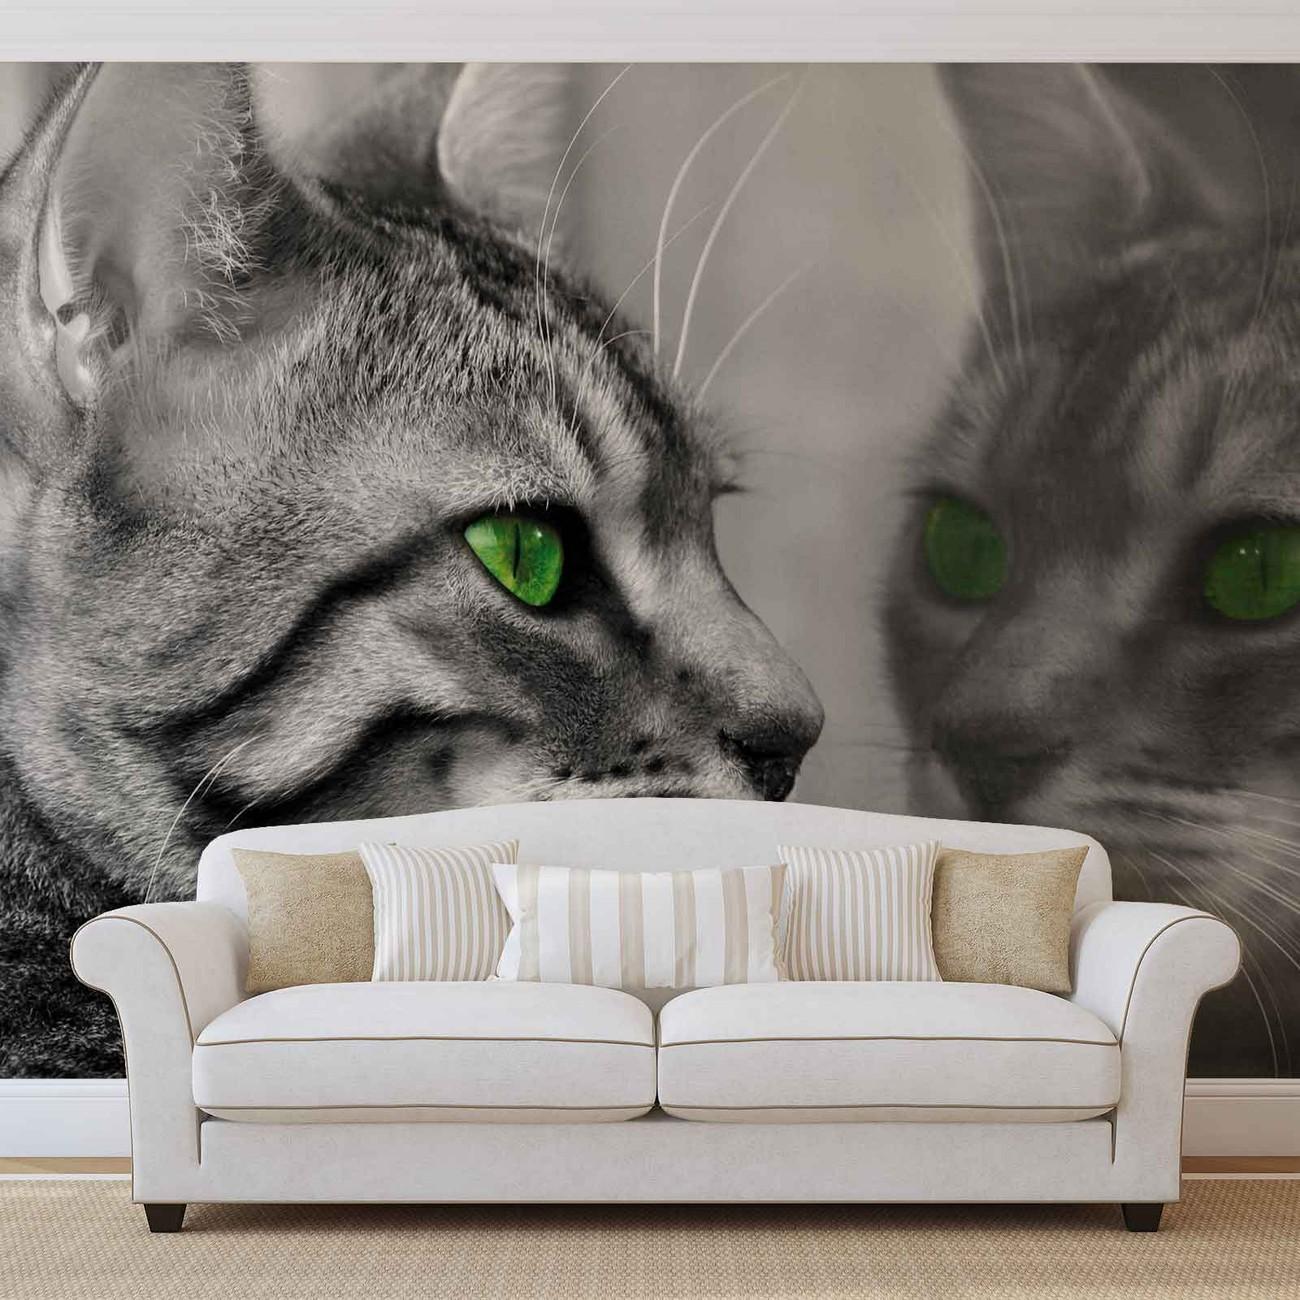 chat chatons poster mural papier peint acheter le sur. Black Bedroom Furniture Sets. Home Design Ideas